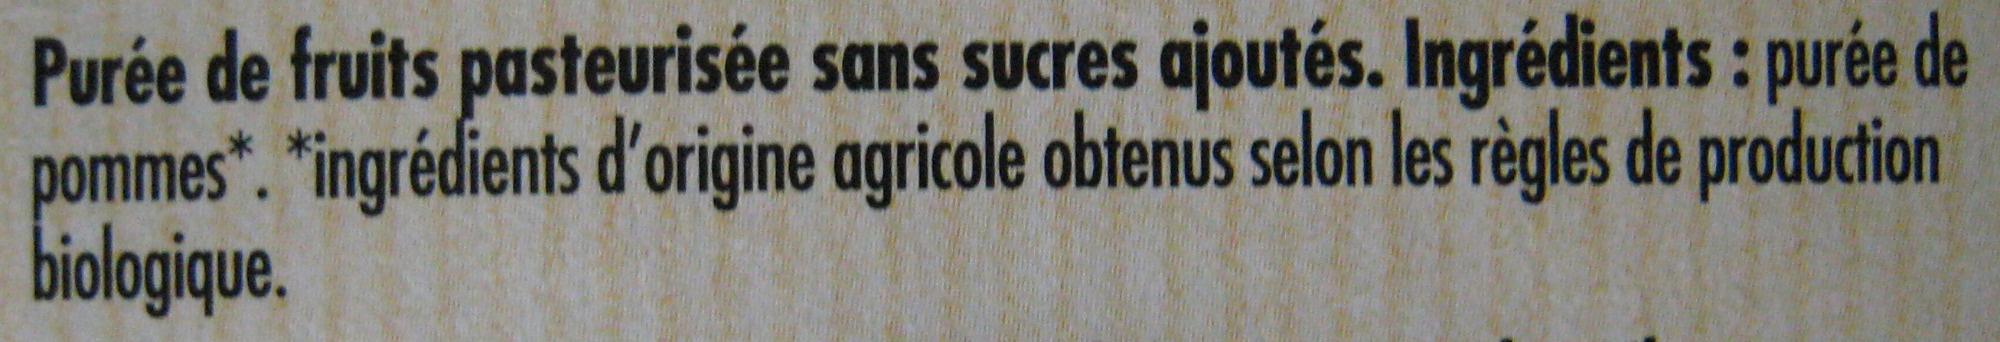 Purée de Pomme 100% fruit - Ingrédients - fr